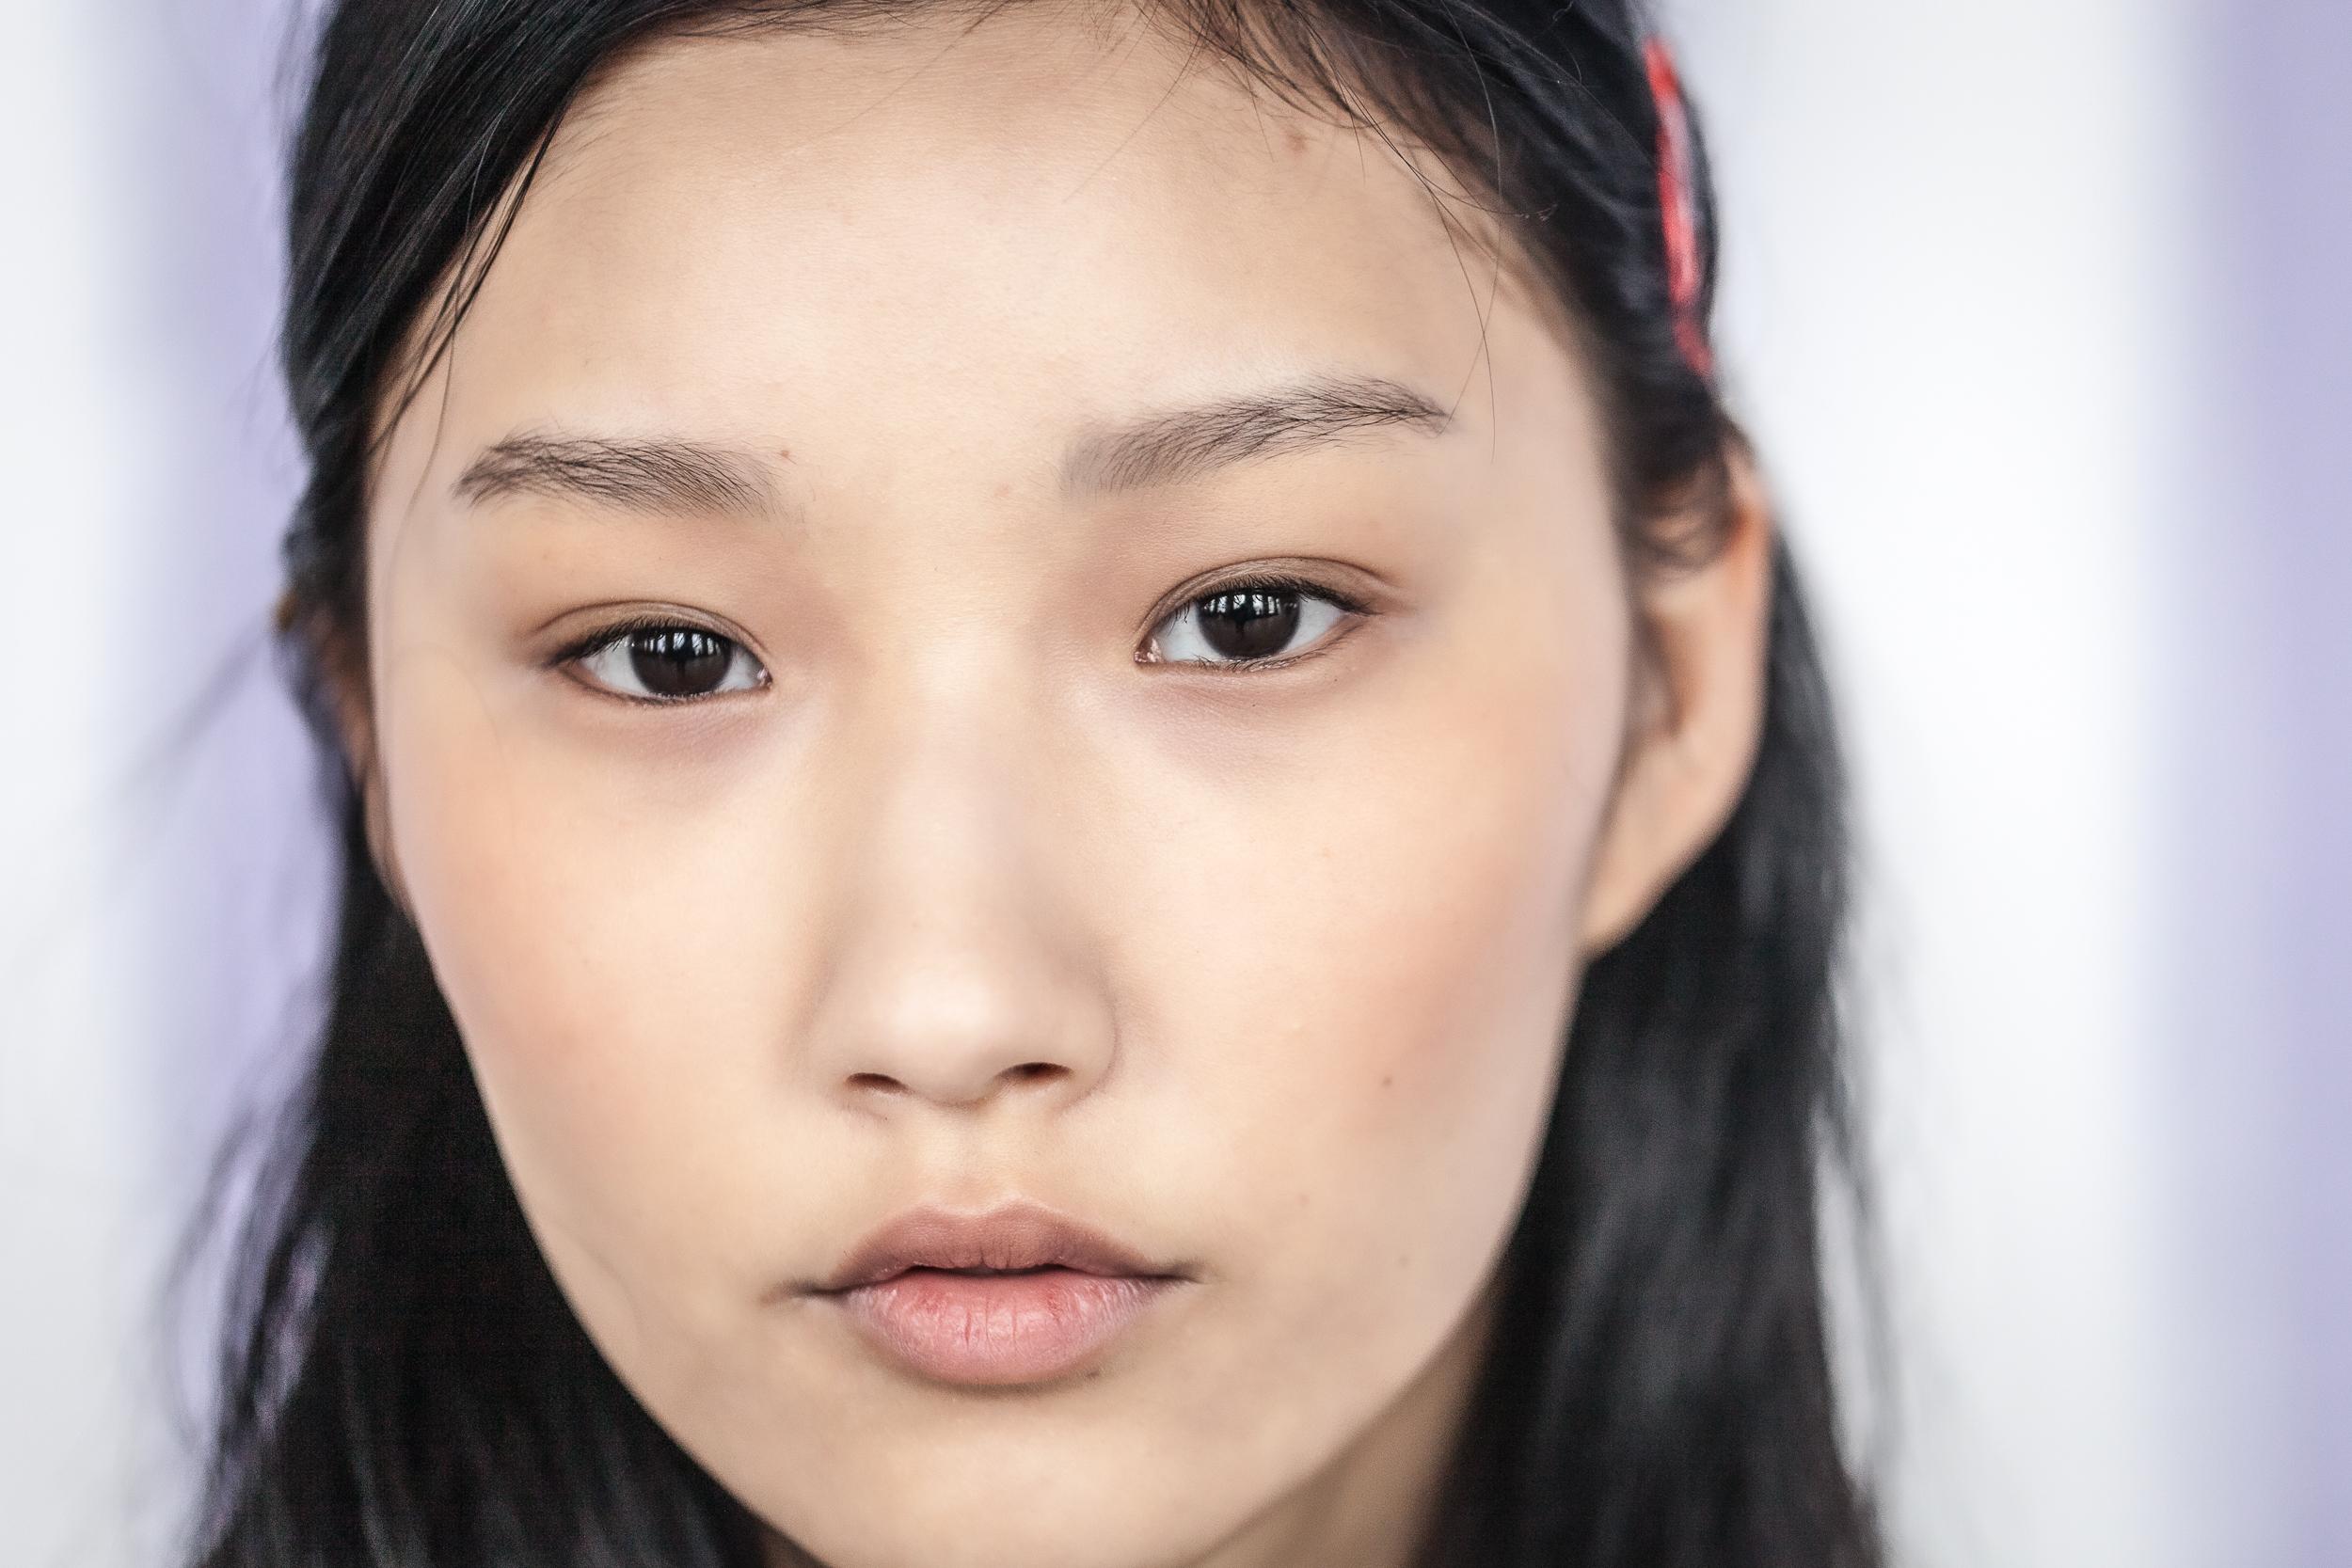 Jieun Hyeon